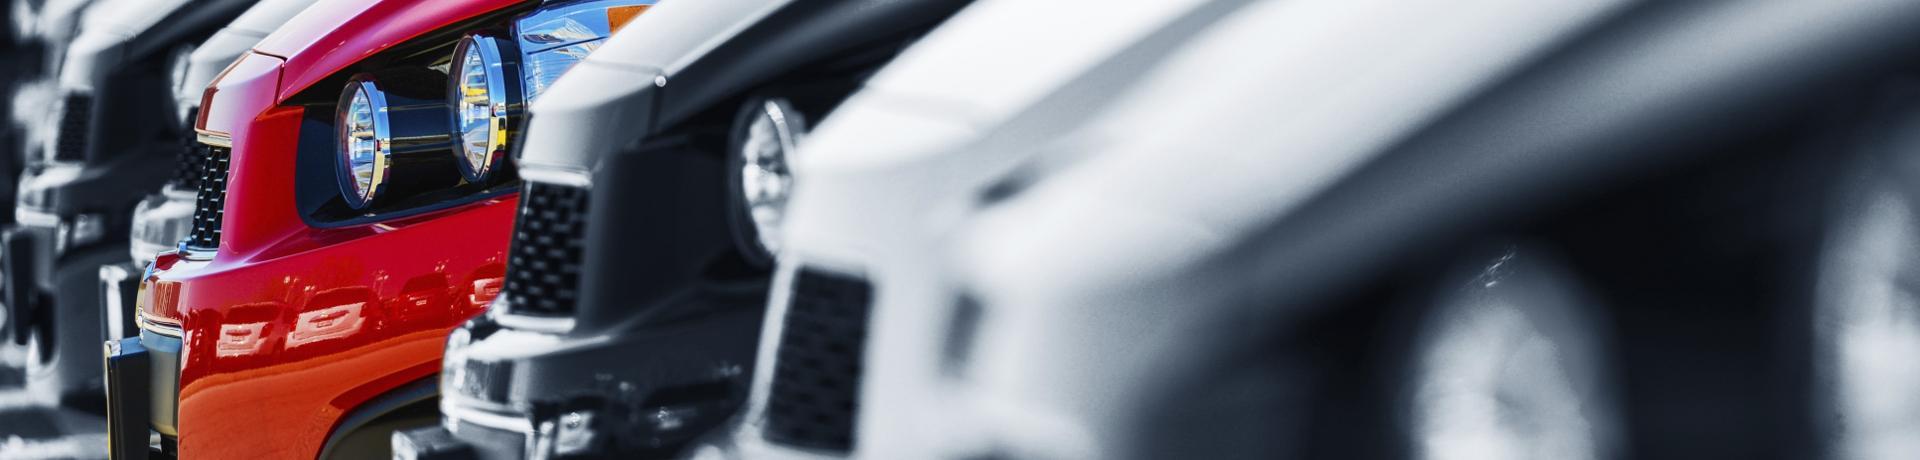 Mietwagen-Ratgeber: Mietbedingungen - Autos